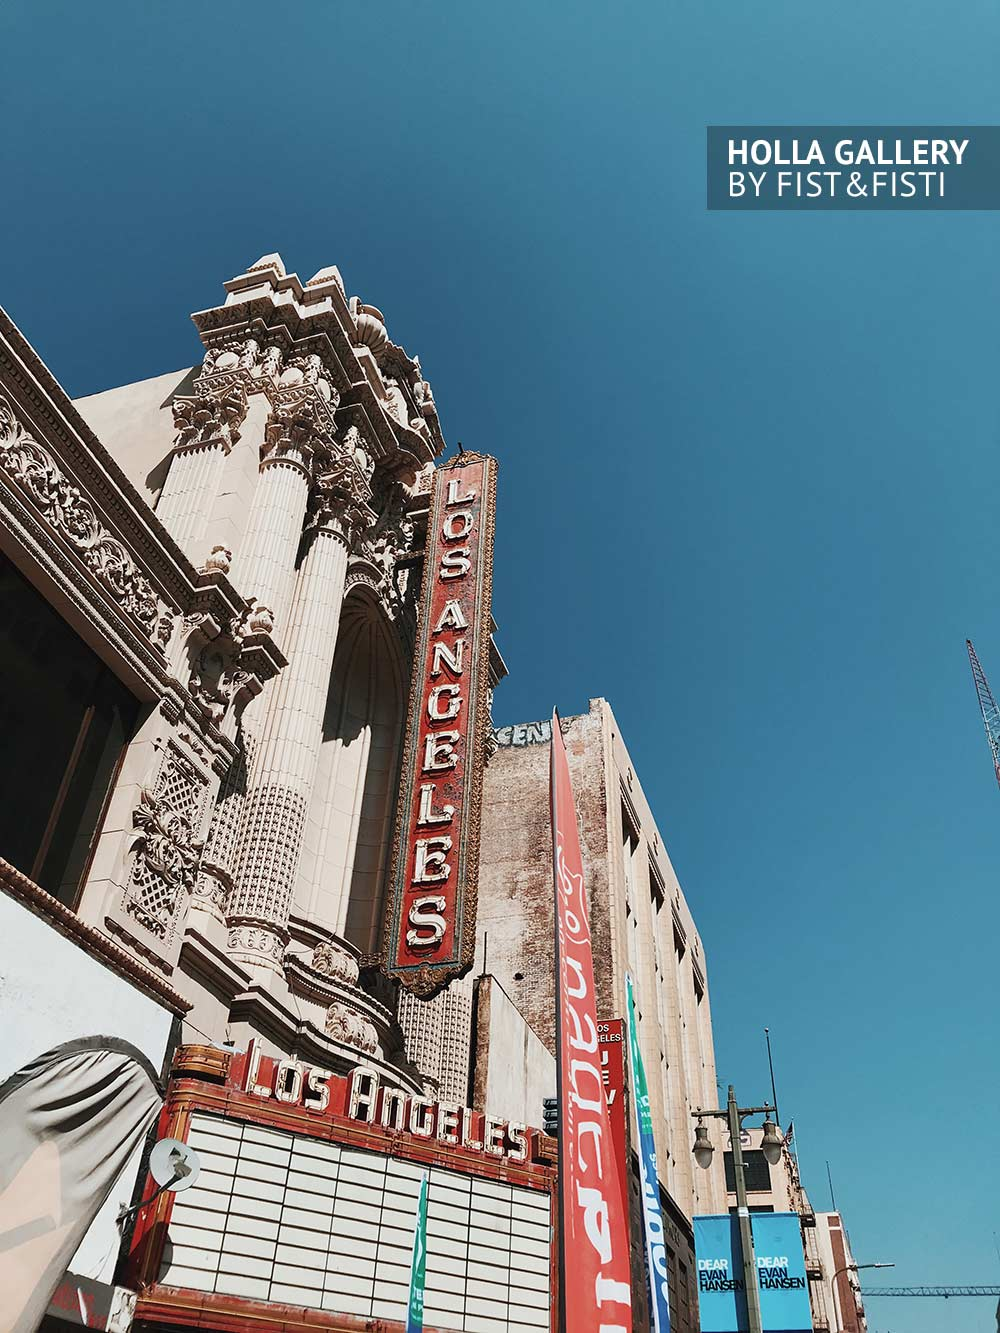 Старые вывески в даунтауне Лос-Анджелеса на фоне неба